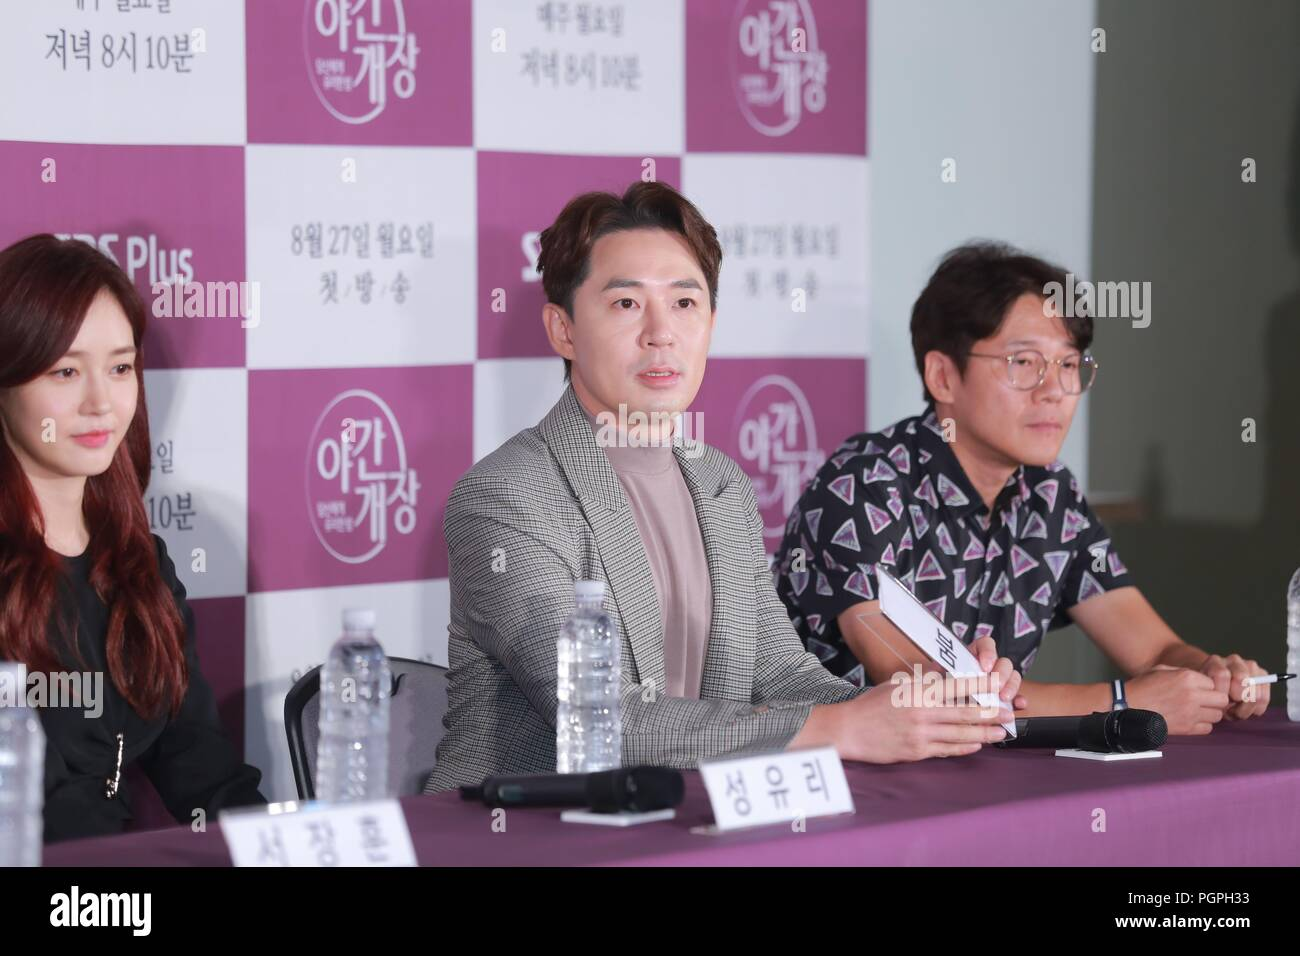 Seoul, Korea  27th Aug, 2018  Seo Jang-hoon, Sung Yuri, BOOM